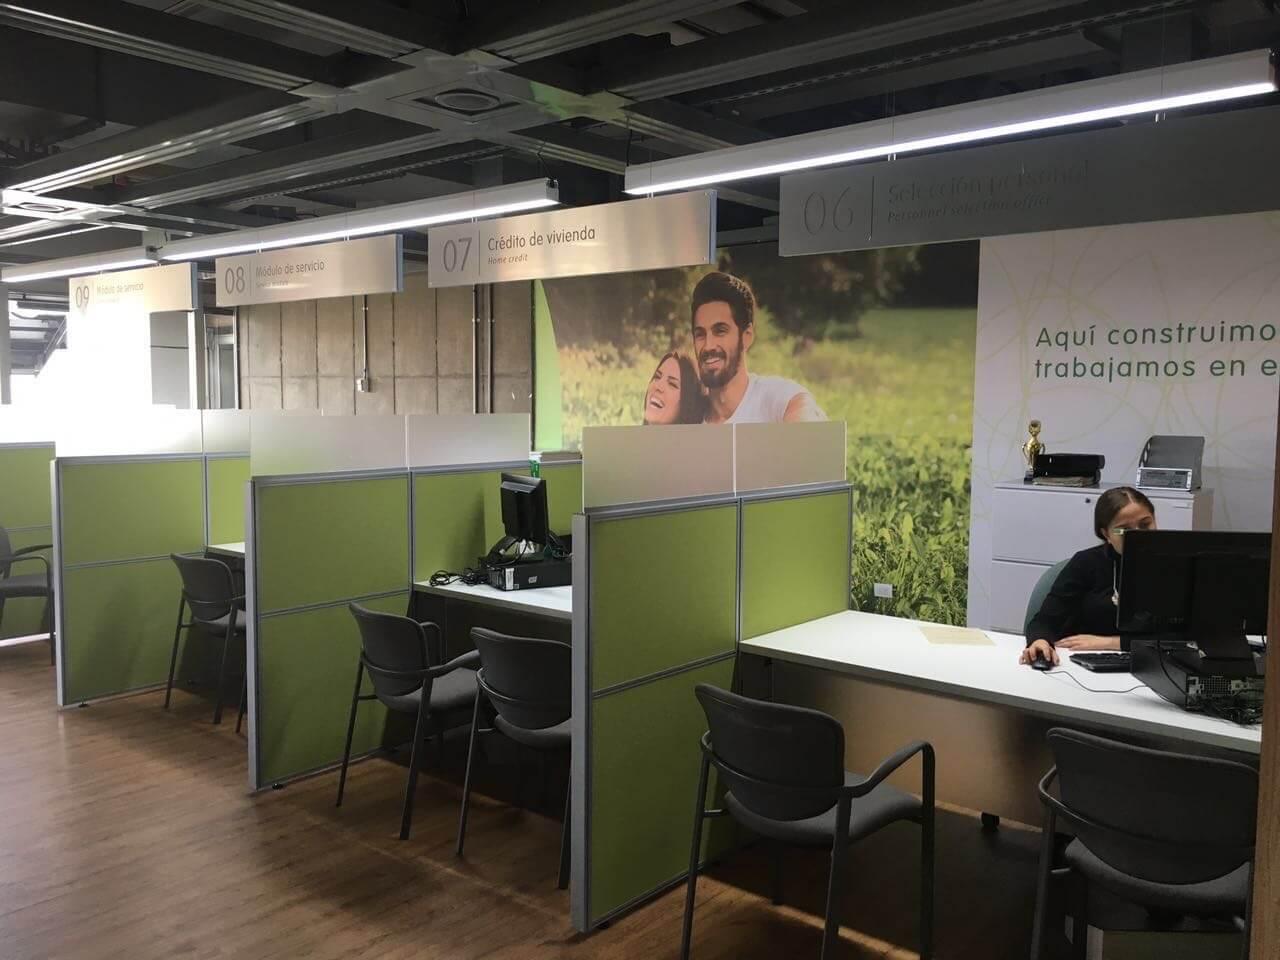 Edificio inteligente oficinas epm industrias cruce for Oficina correos oviedo